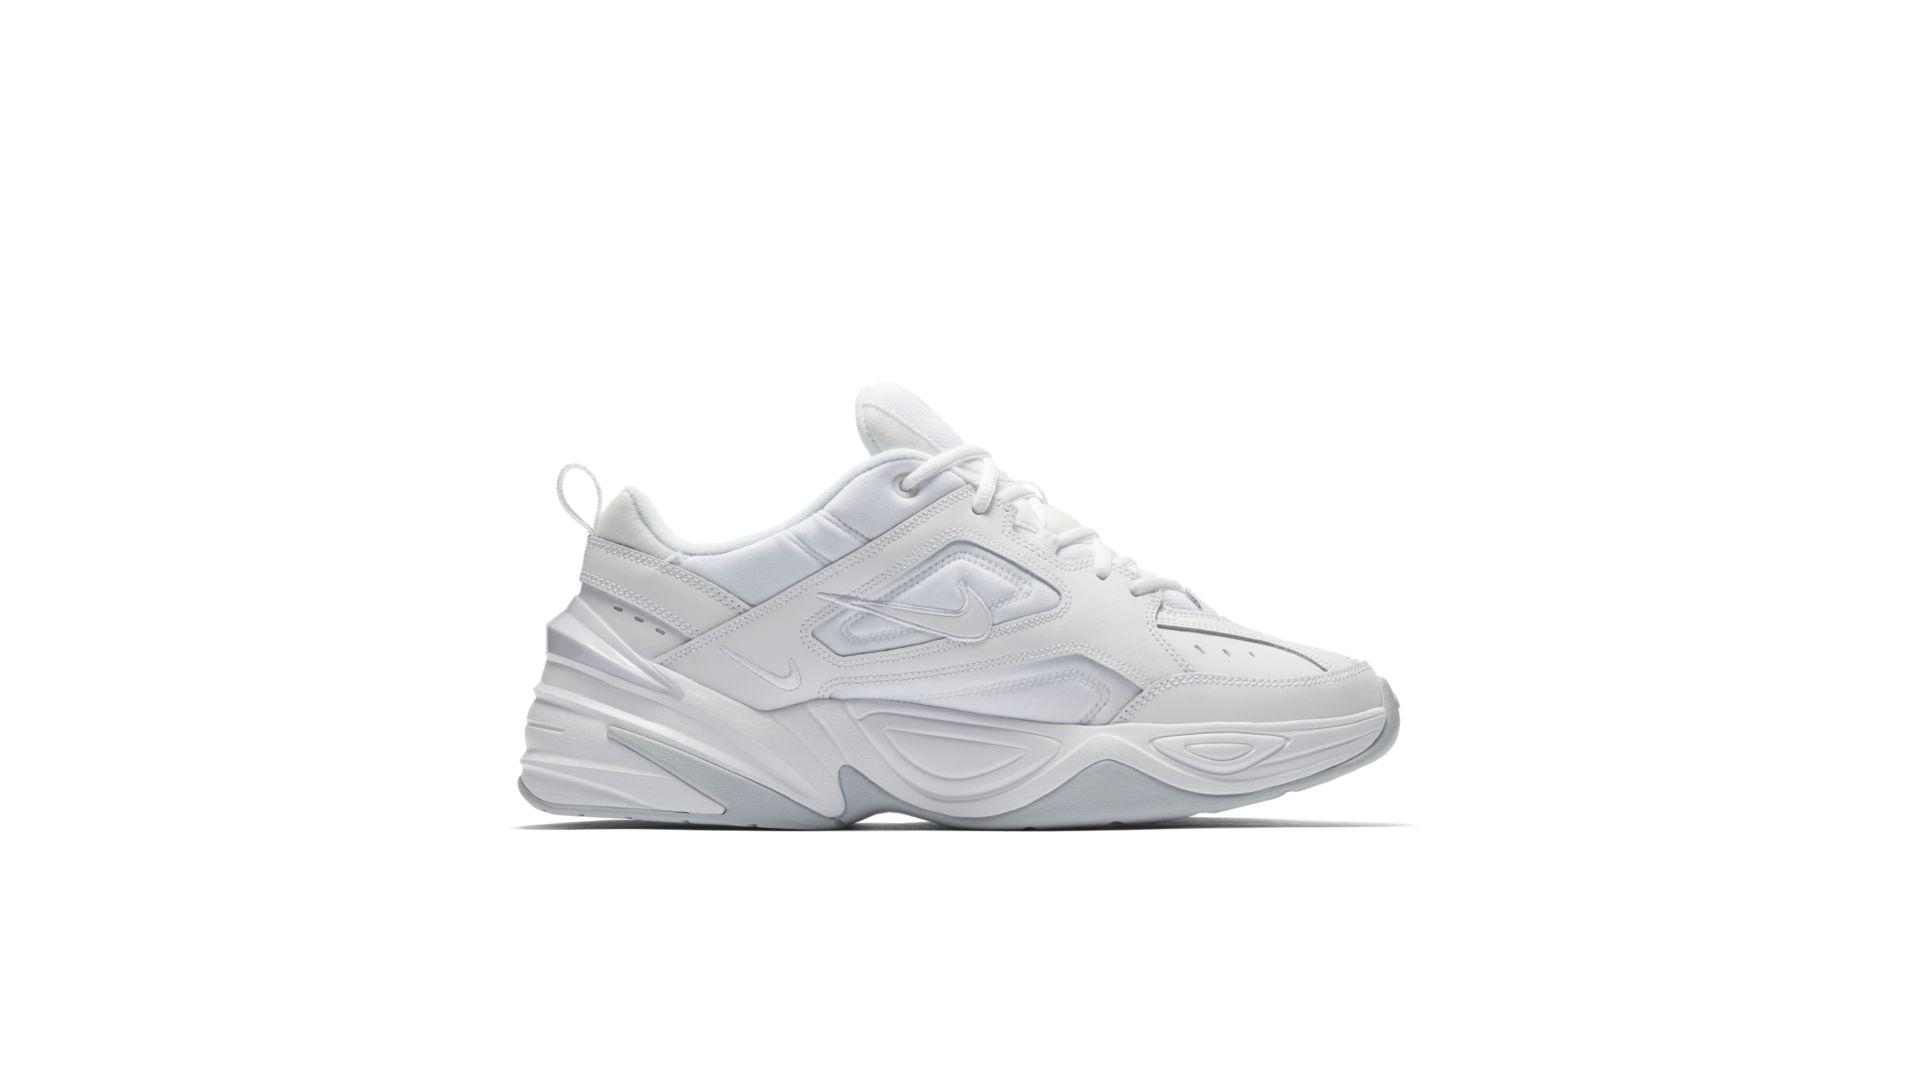 Nike M2k Tekno WhiteWhite Pure Platinum (AV4789 101